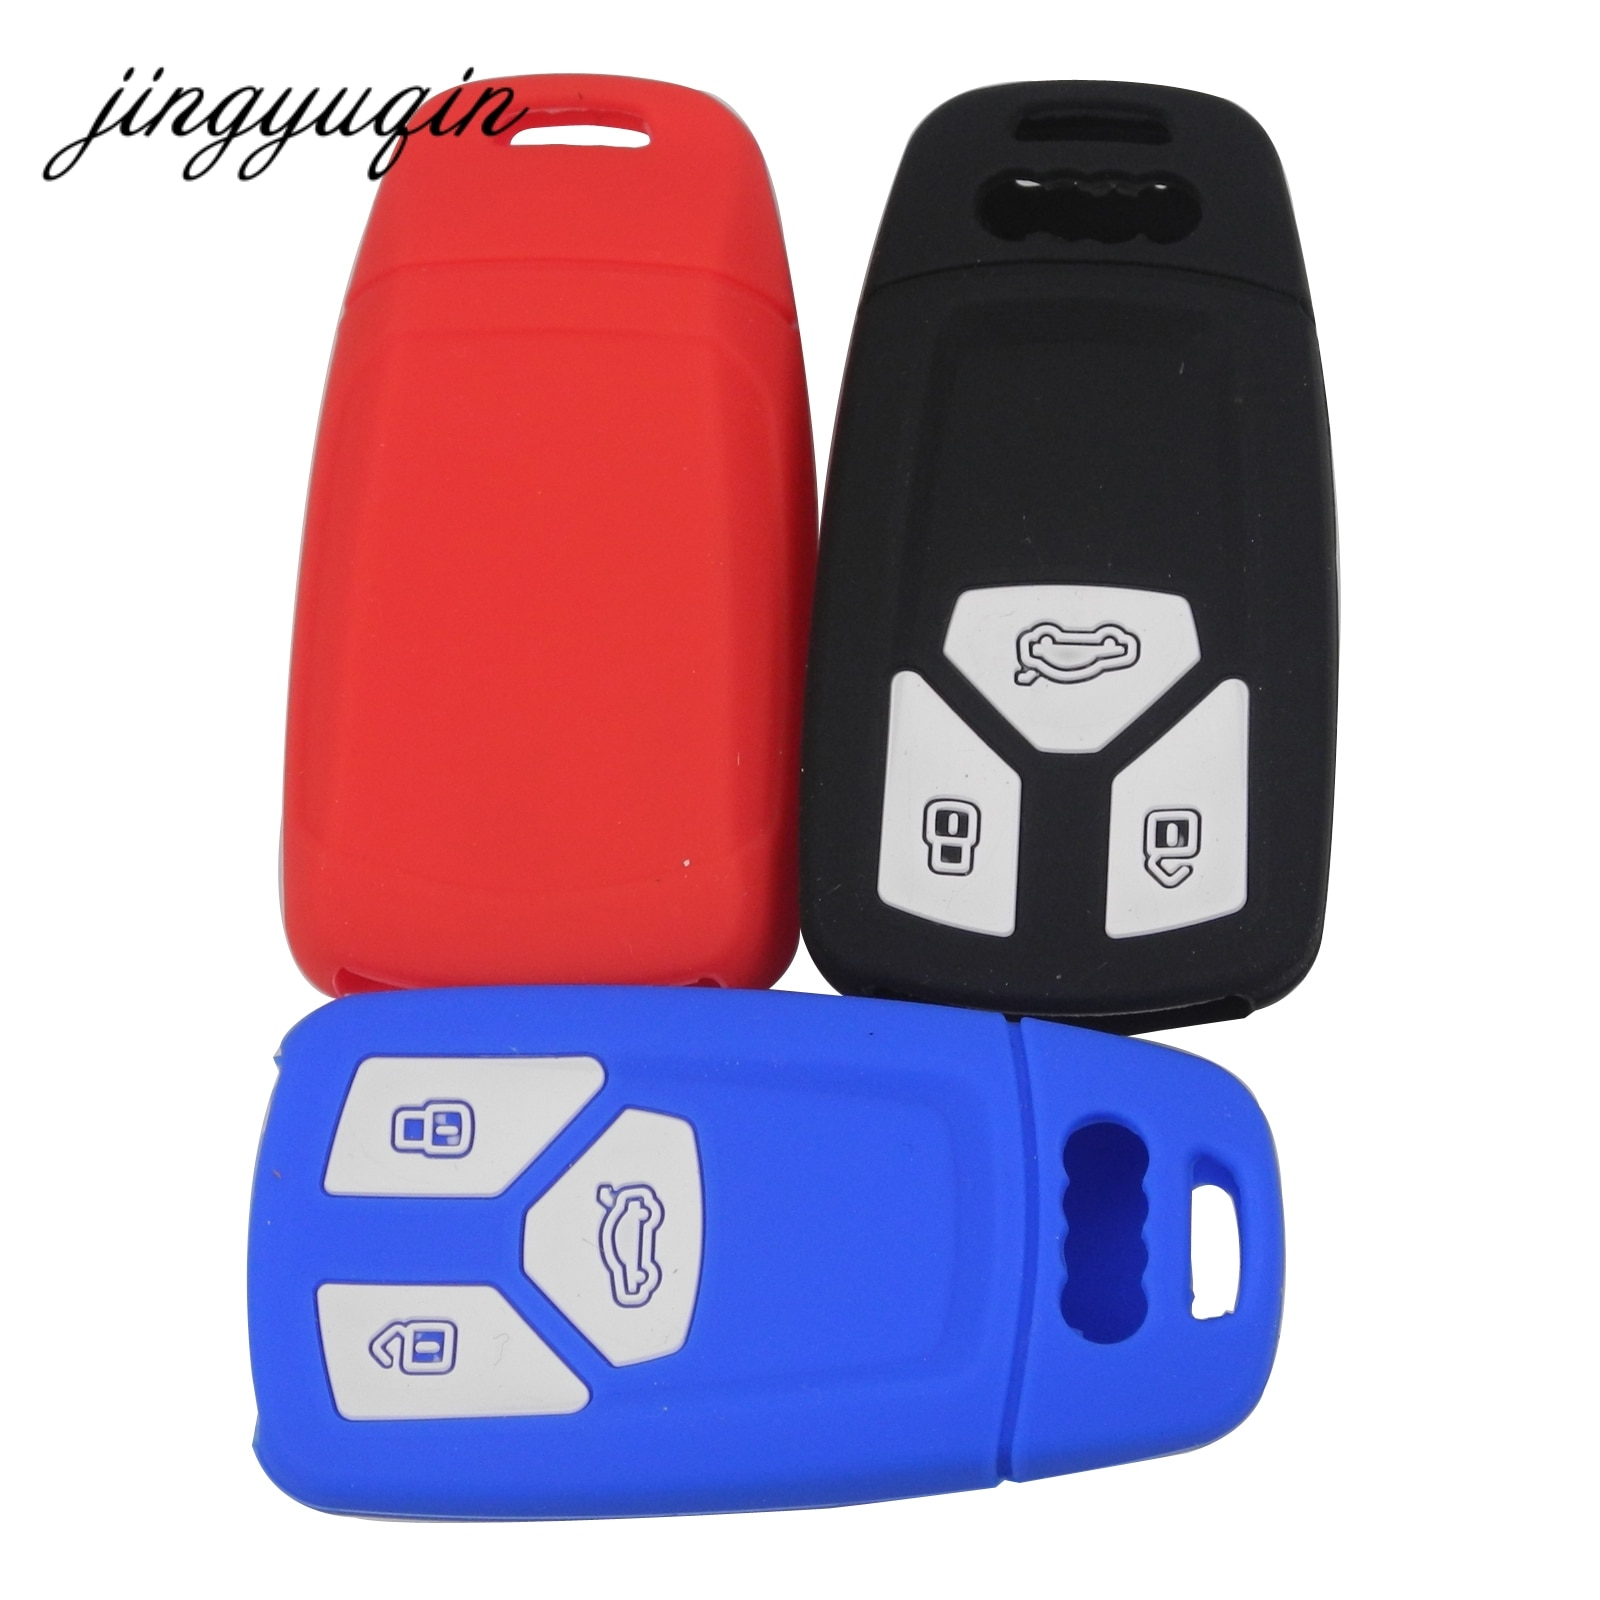 Силиконовый чехол для ключей jingyuqin для Audi A4 4m 8s allroad B9 Q5 Q7 TT TTS 3BTN дистанционный резиновый защитный чехол без ключа